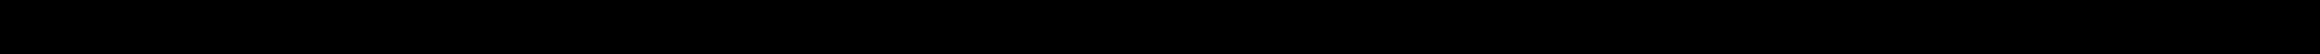 DENSO 4606823AB, 4609079, 56028886AA, 56041402AB, SPORC12YC5 Uždegimo žvakė